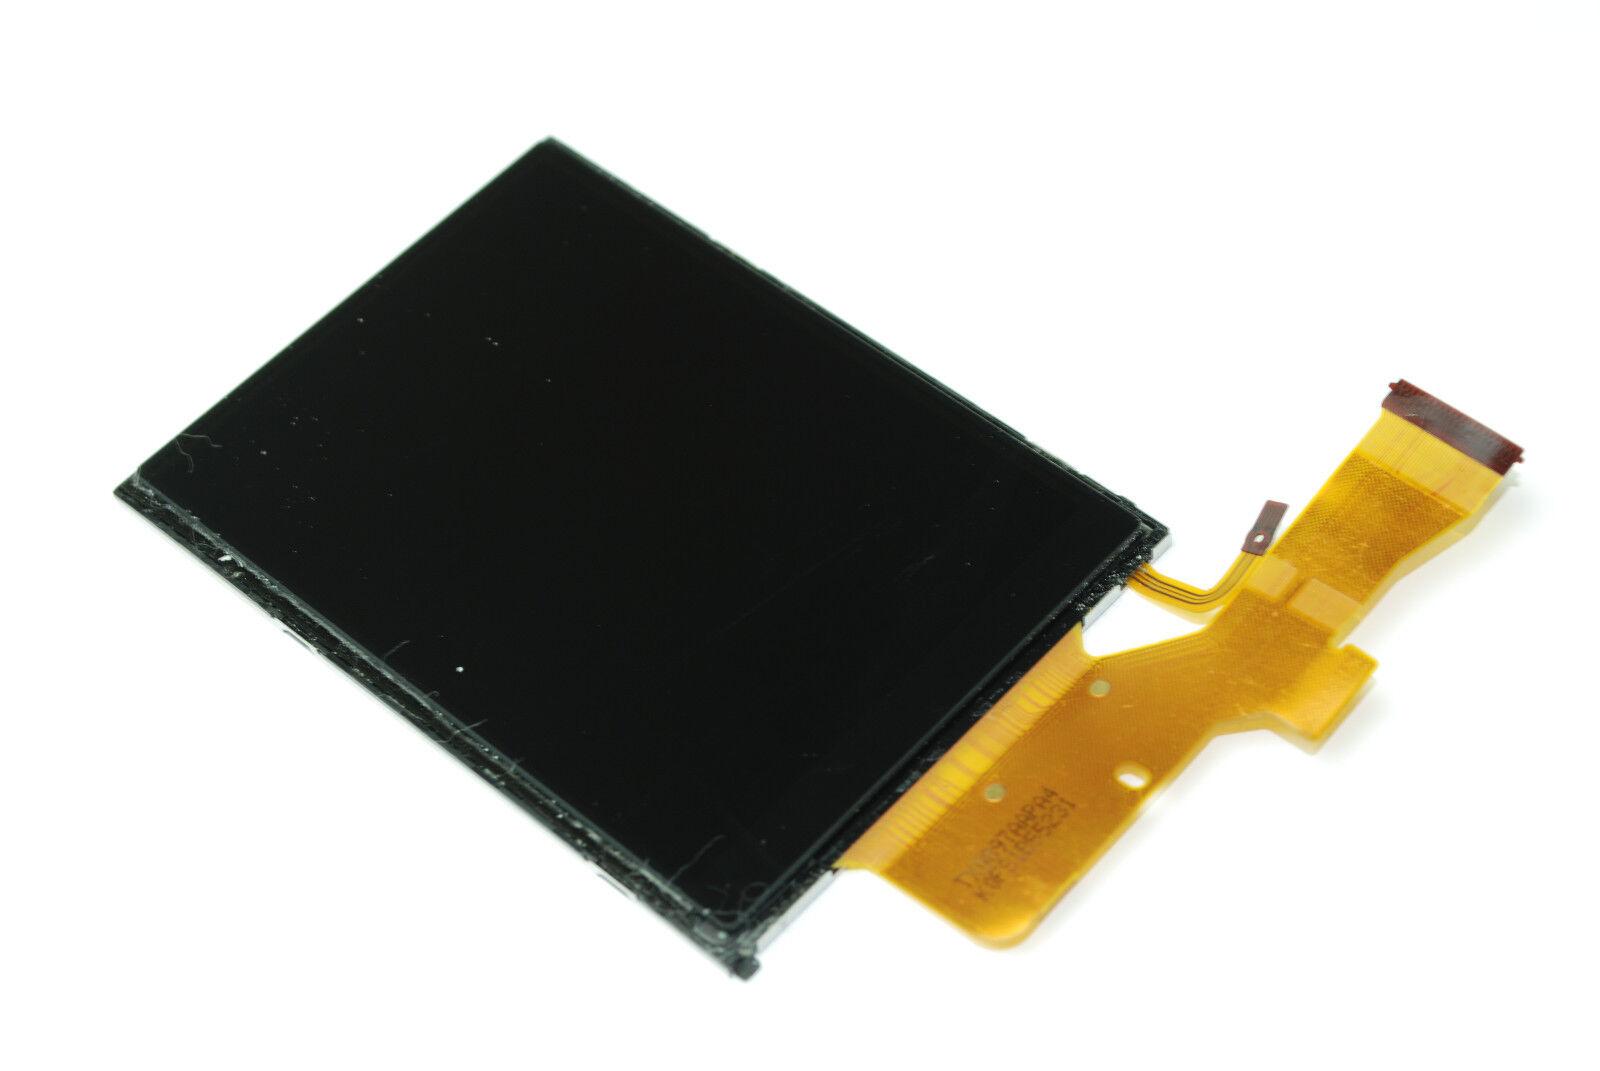 Nueva pantalla LCD para Fuji S200 pieza de recambio de monitor de cámara de luz de fondo